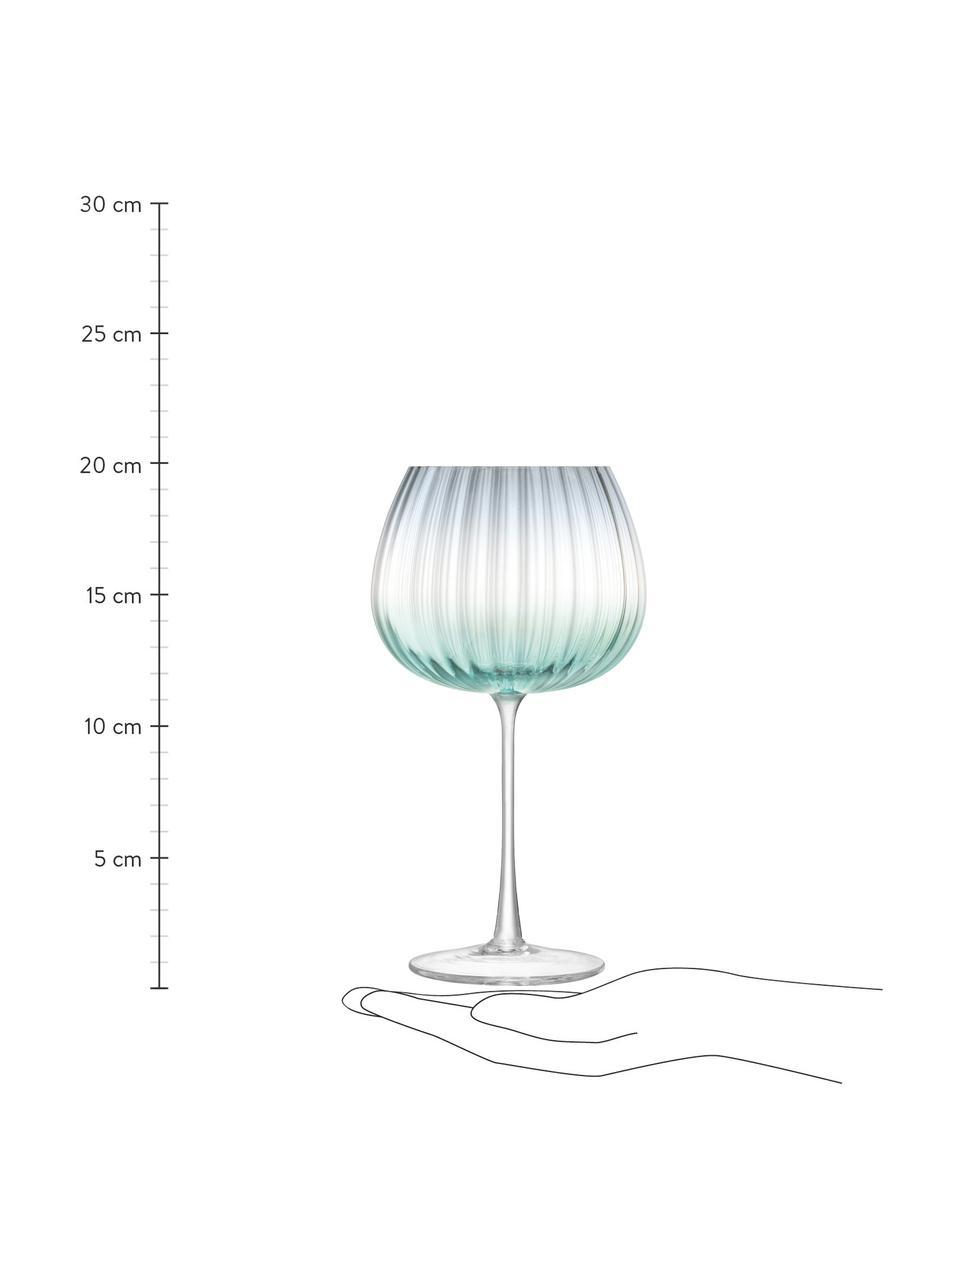 Handgemaakte wijnglazen Dusk met kleurverloop, 2-delig, Glas, Groen, grijs, Ø 10 x H 20 cm